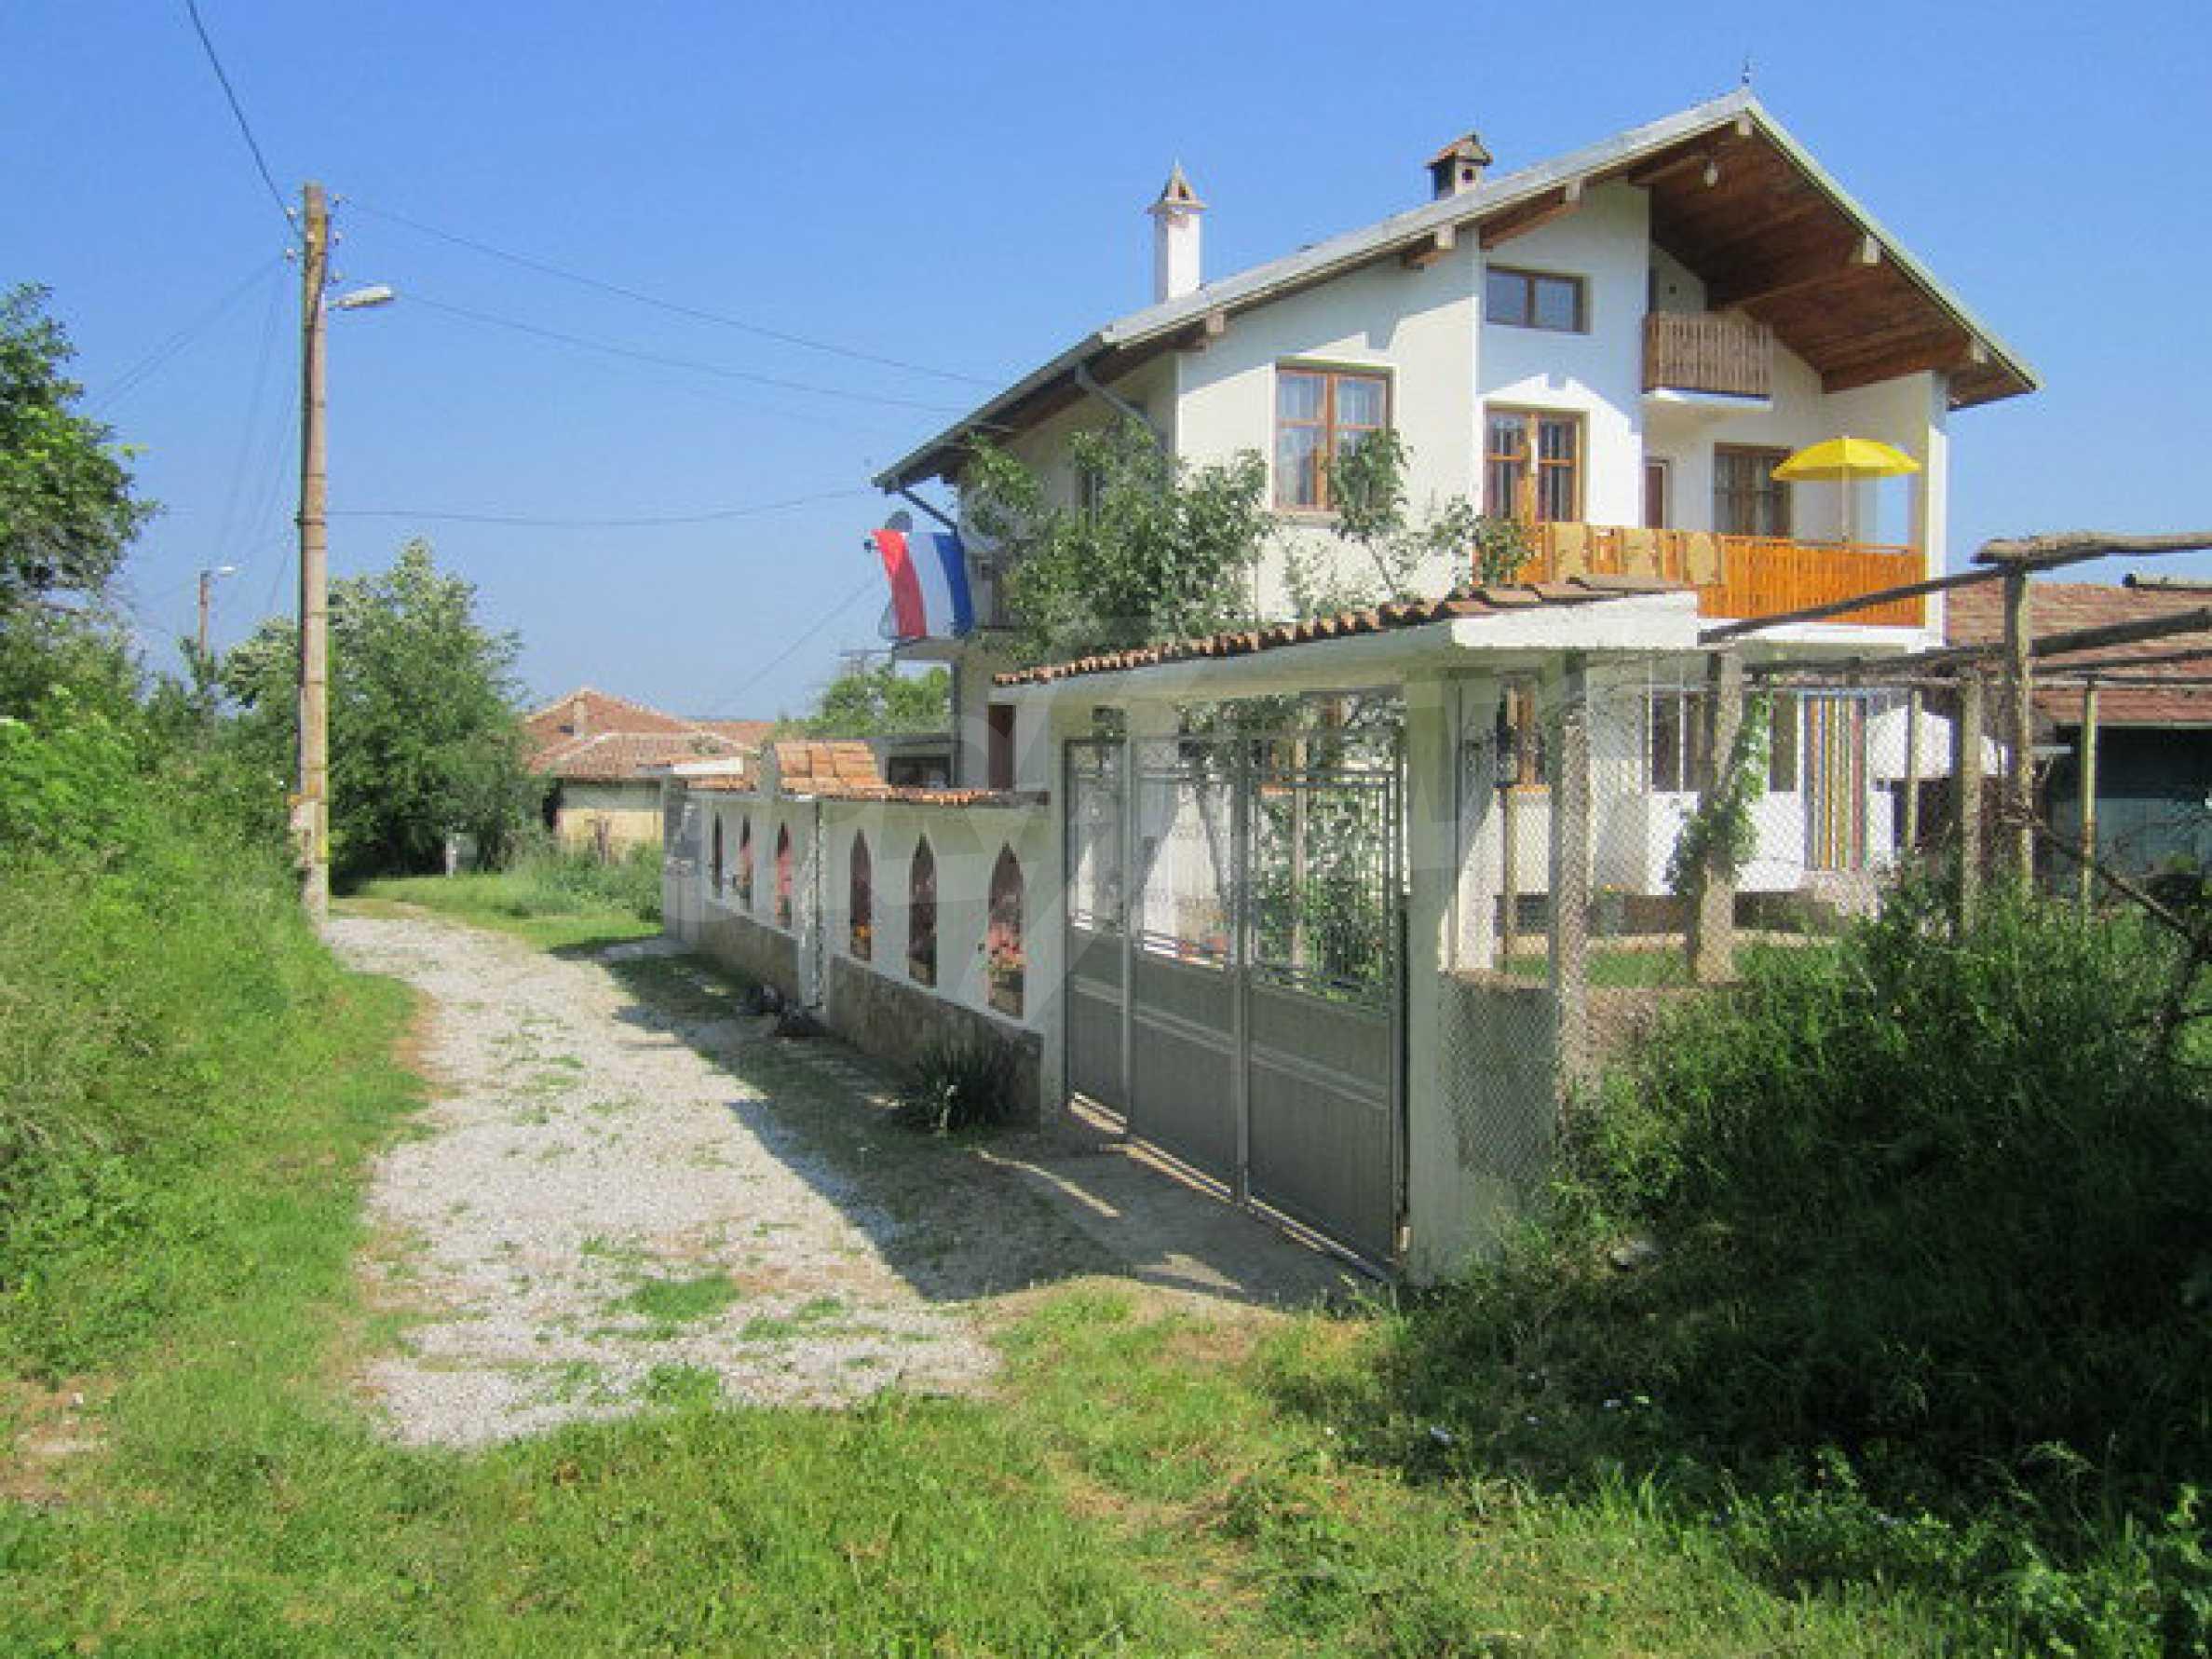 Geräumiges ländliches Anwesen mit einem Garten 20 km. von Veliko Tarnovo